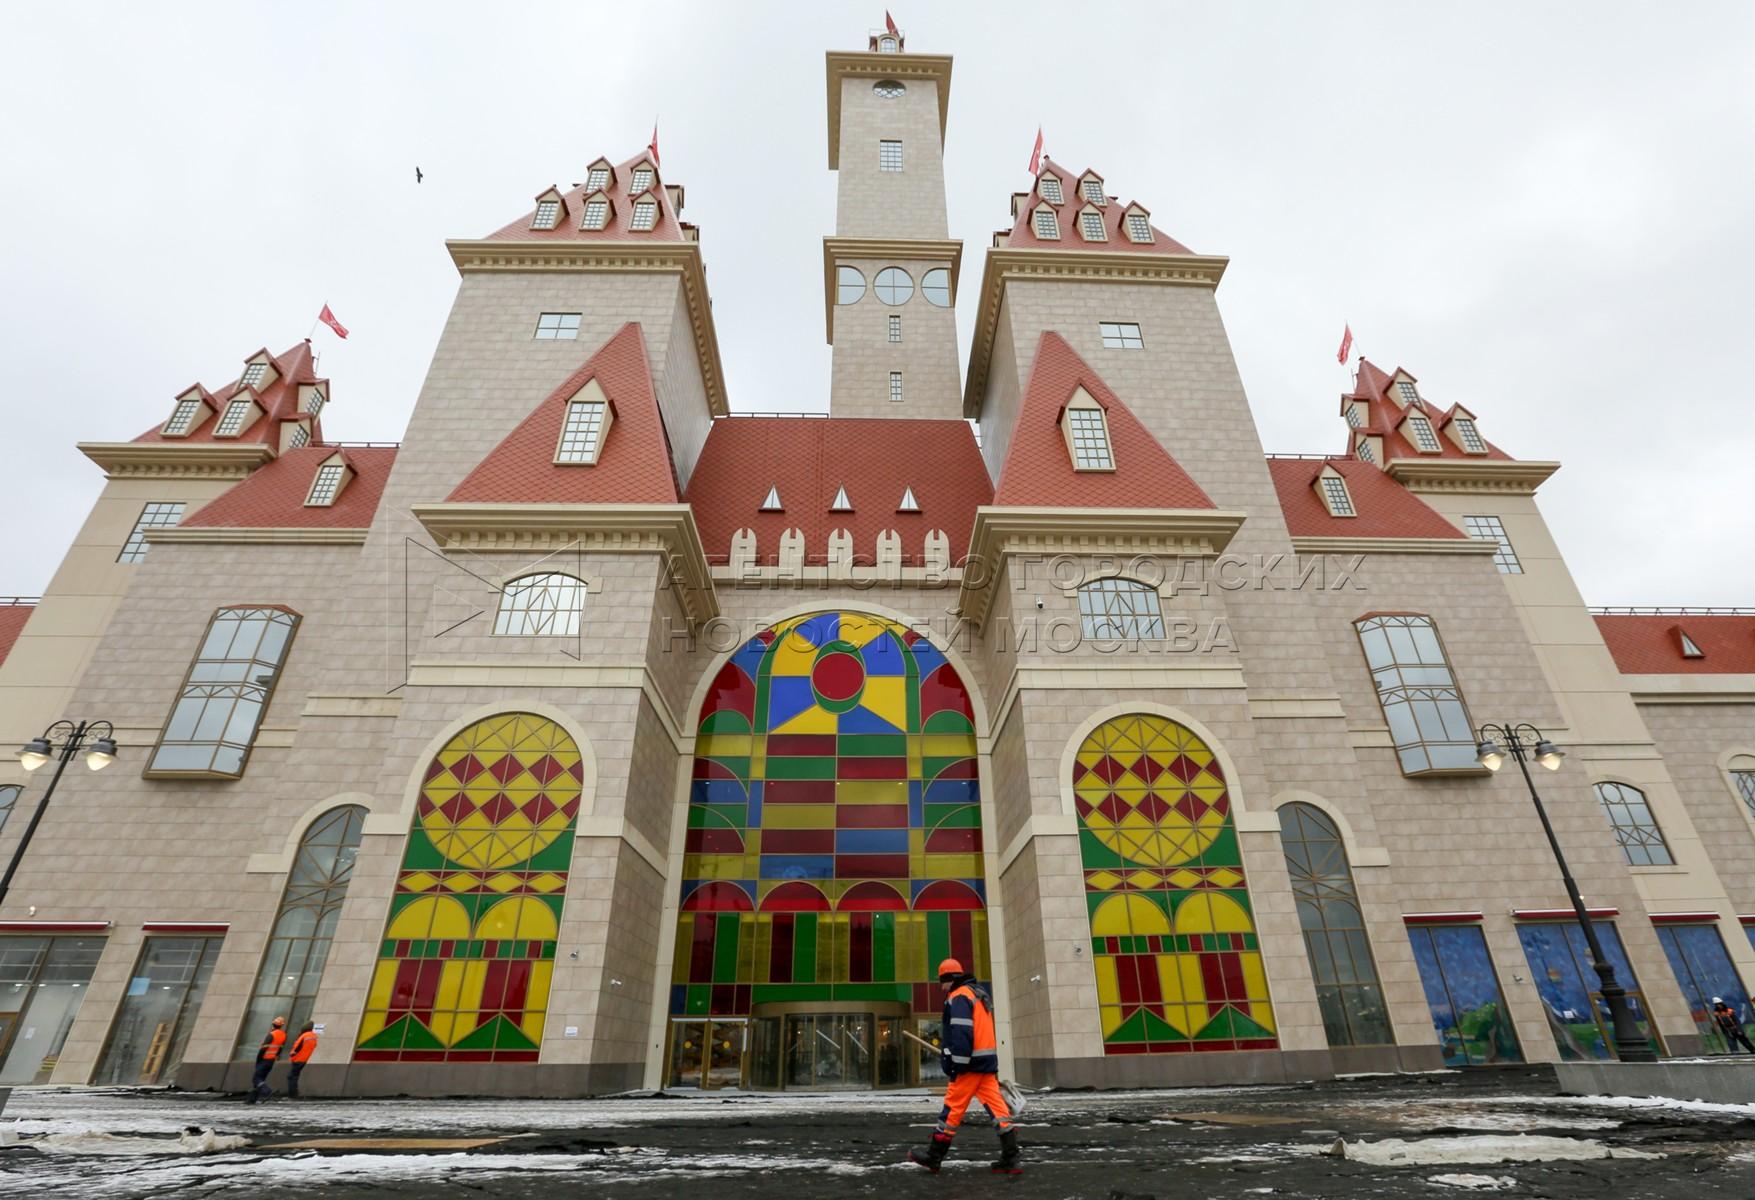 Завершающий этап подготовки к открытию парка развлечений «Остров мечты» в Нагатинской пойме.